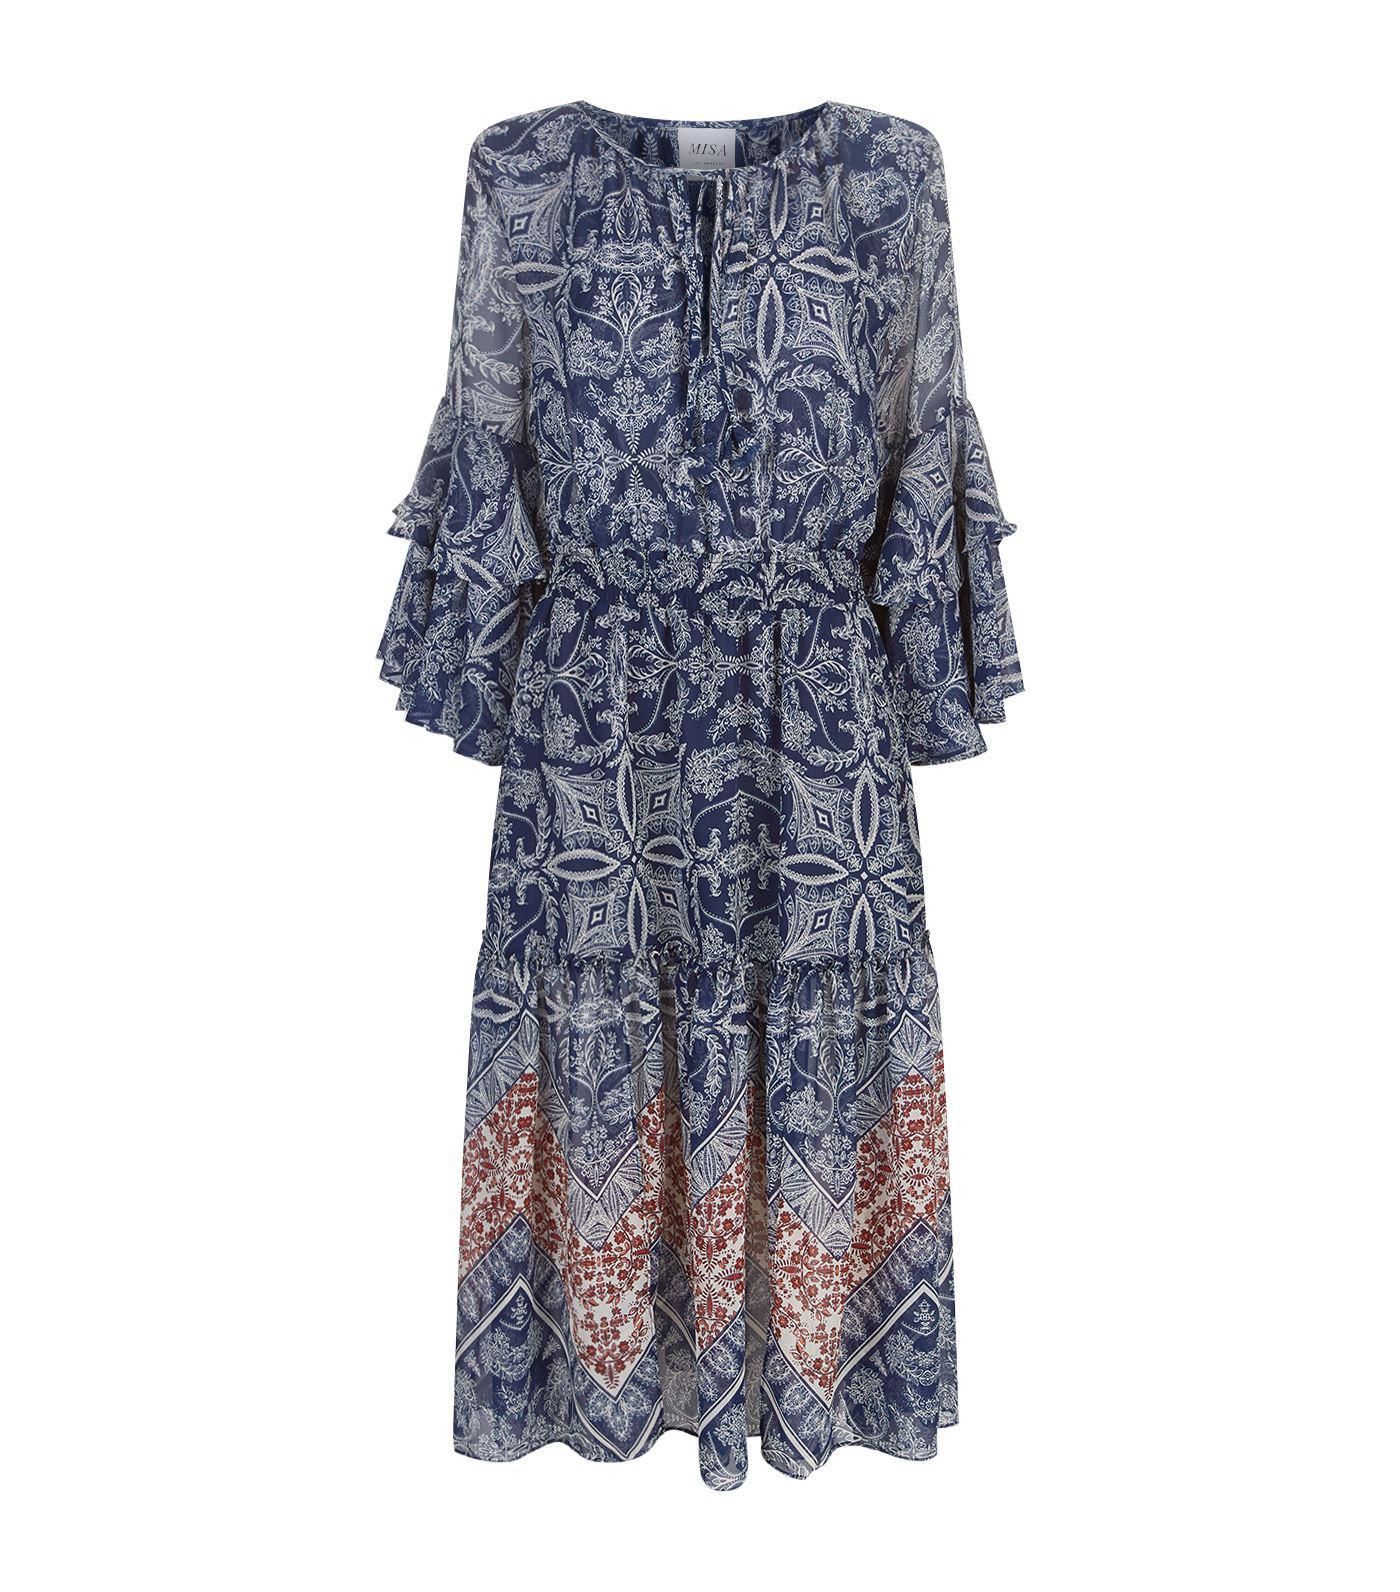 Misa Coco Floral Midi Dress in Blue - Lyst ad7b6cdb6